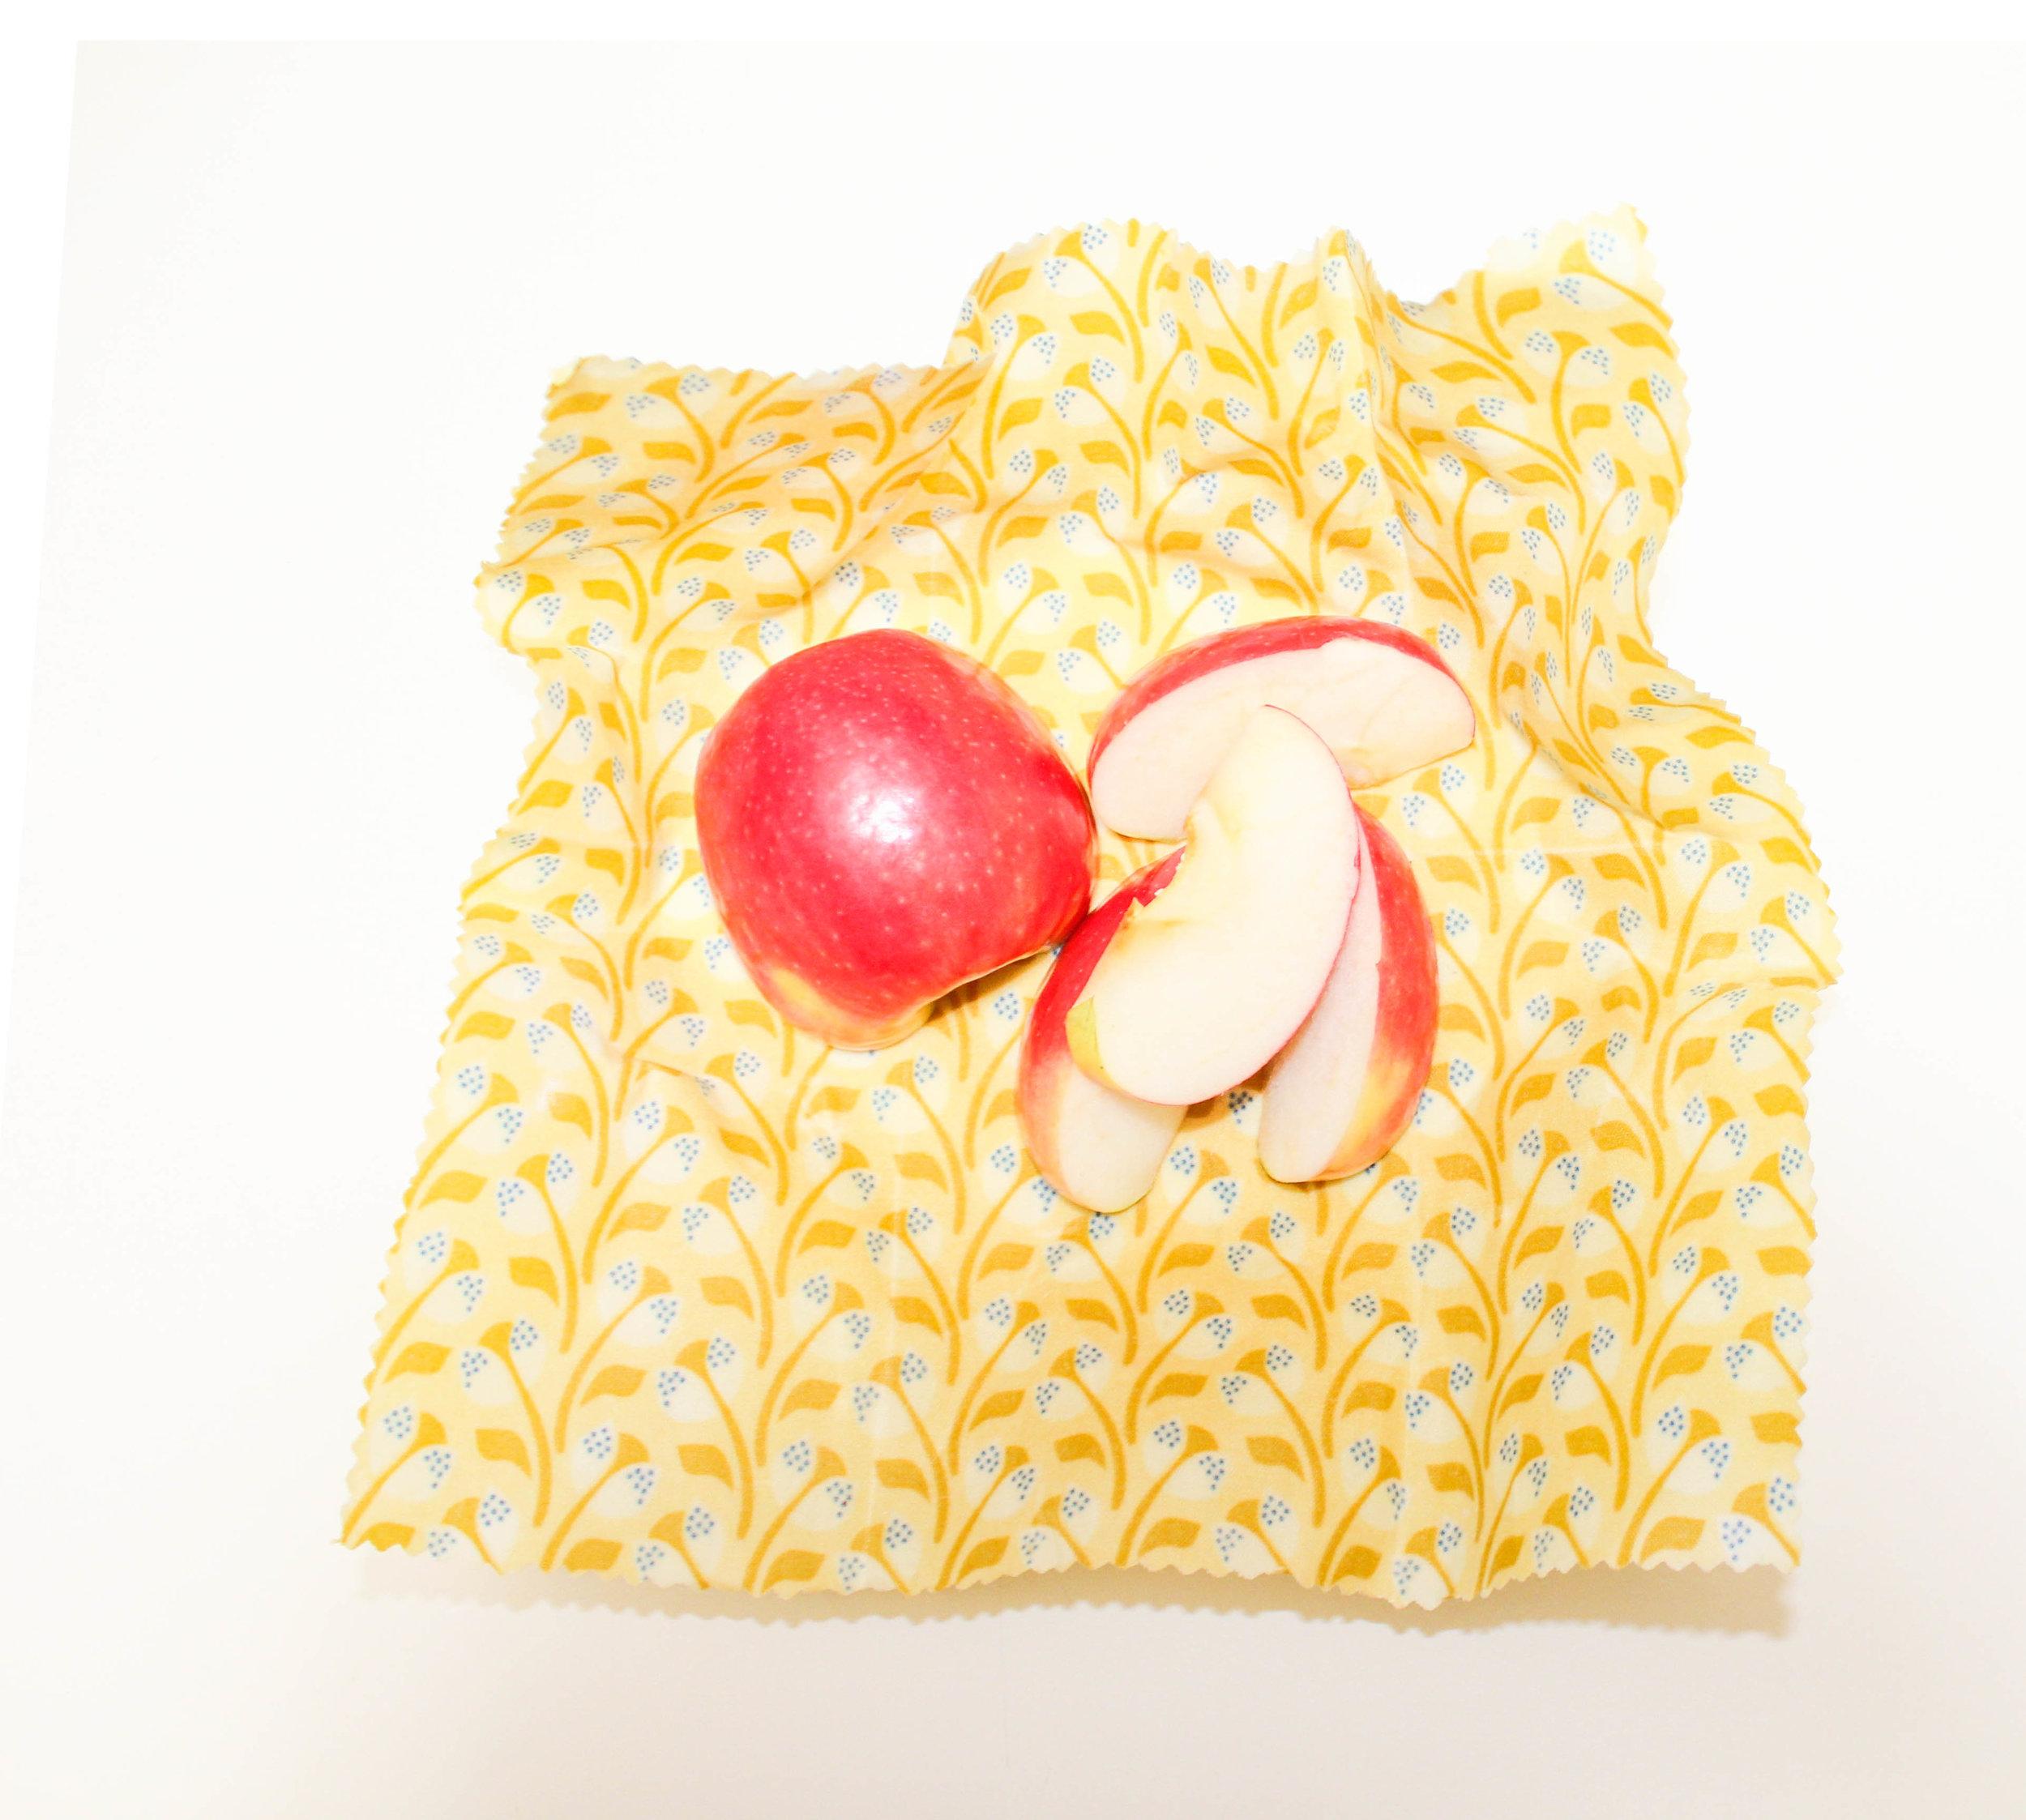 Easy Alternative to Plastic Wrap